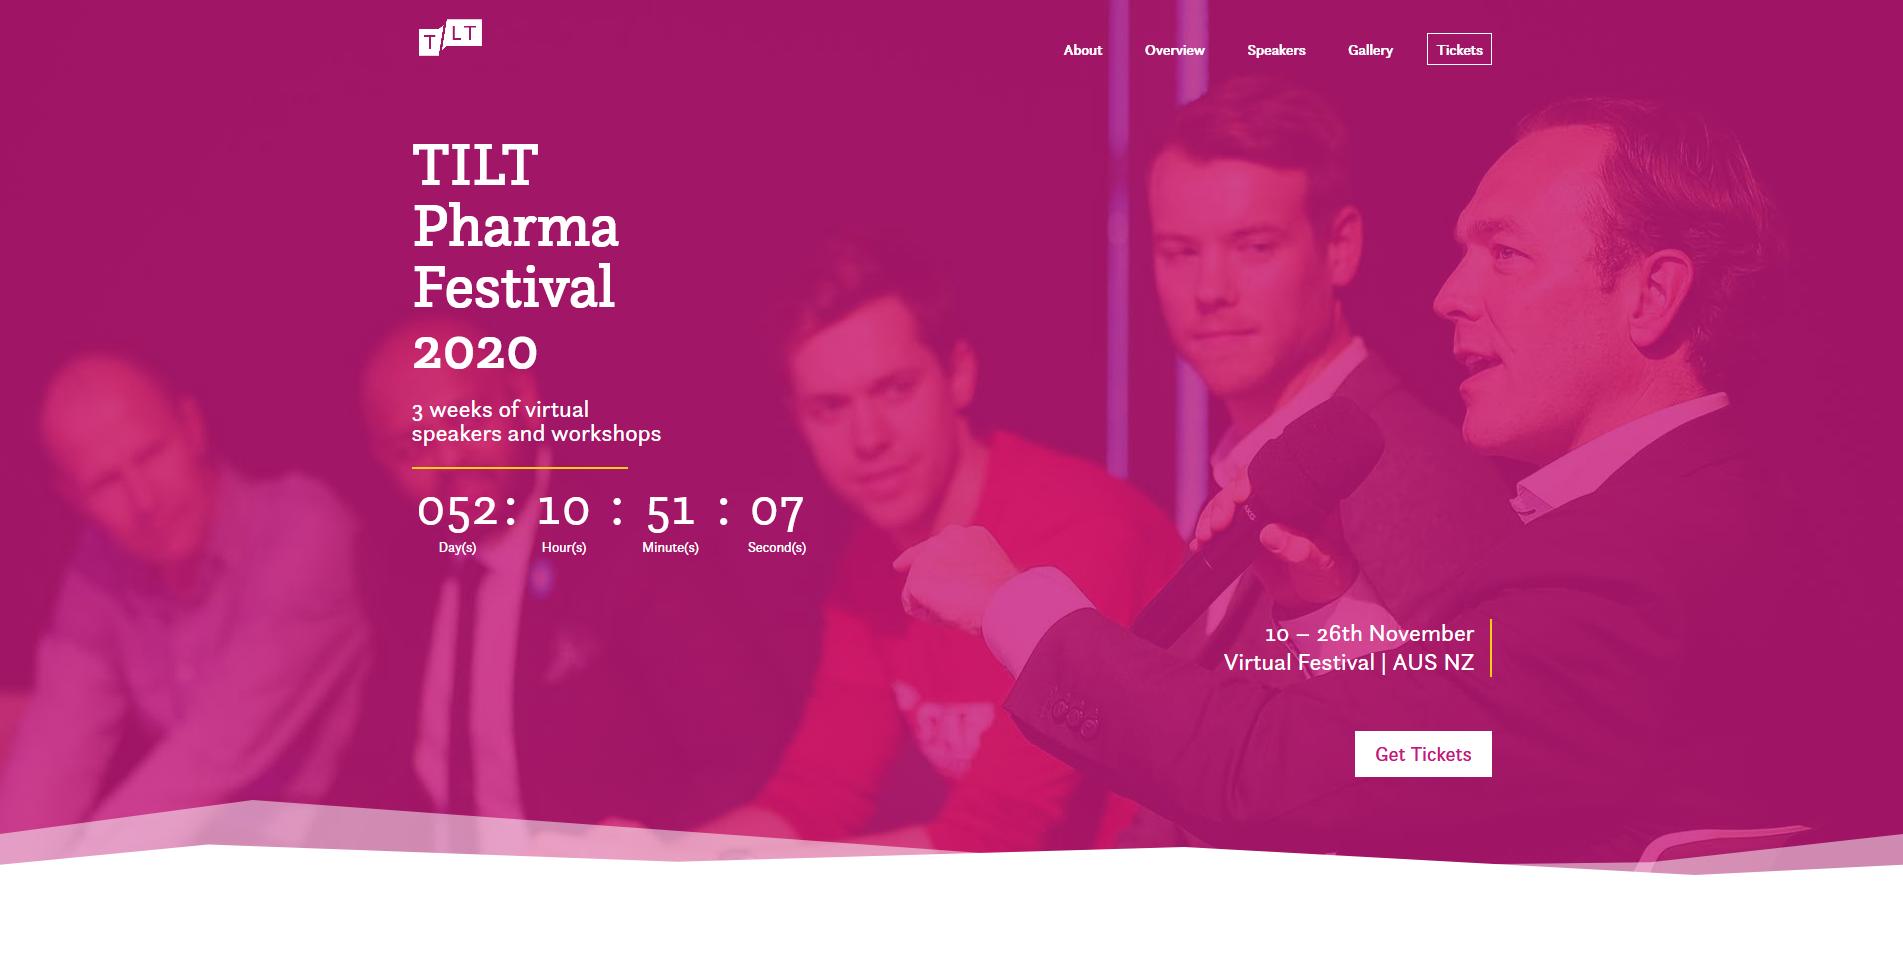 TILT Festival 2020 - WordPress website development